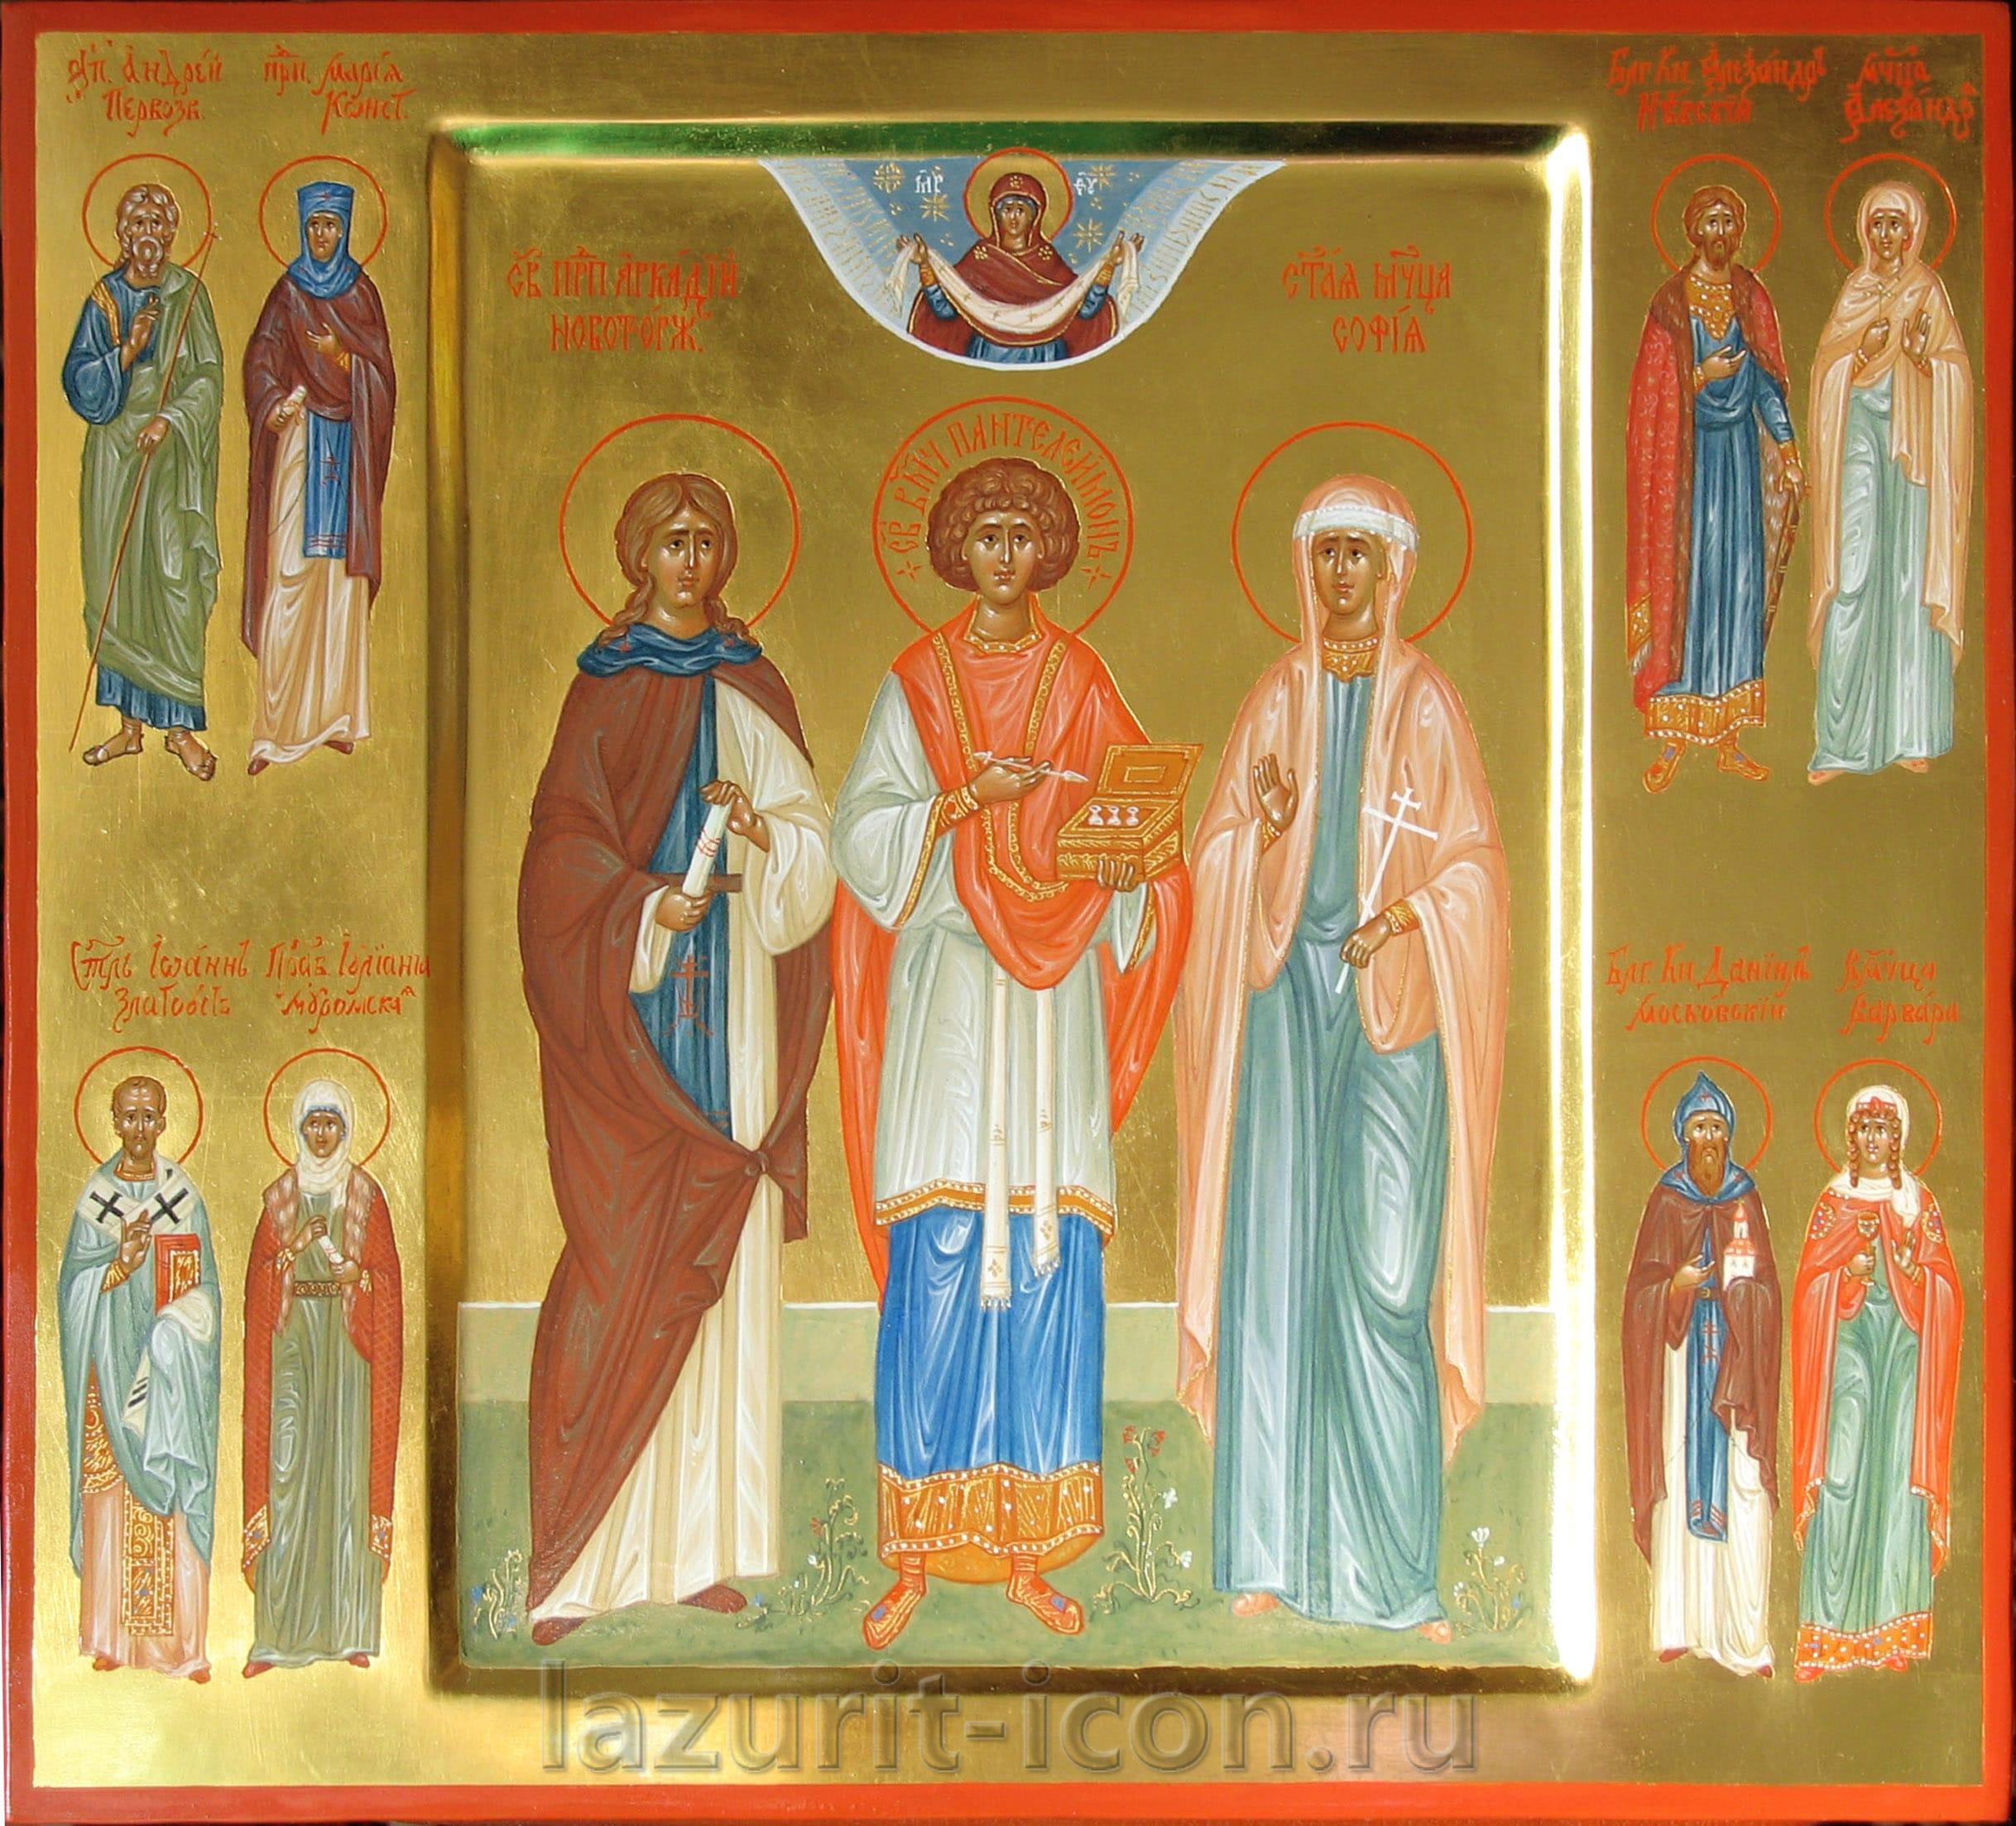 вмч Пантелеймон, прп Аркадий и мч София со святыми на полях